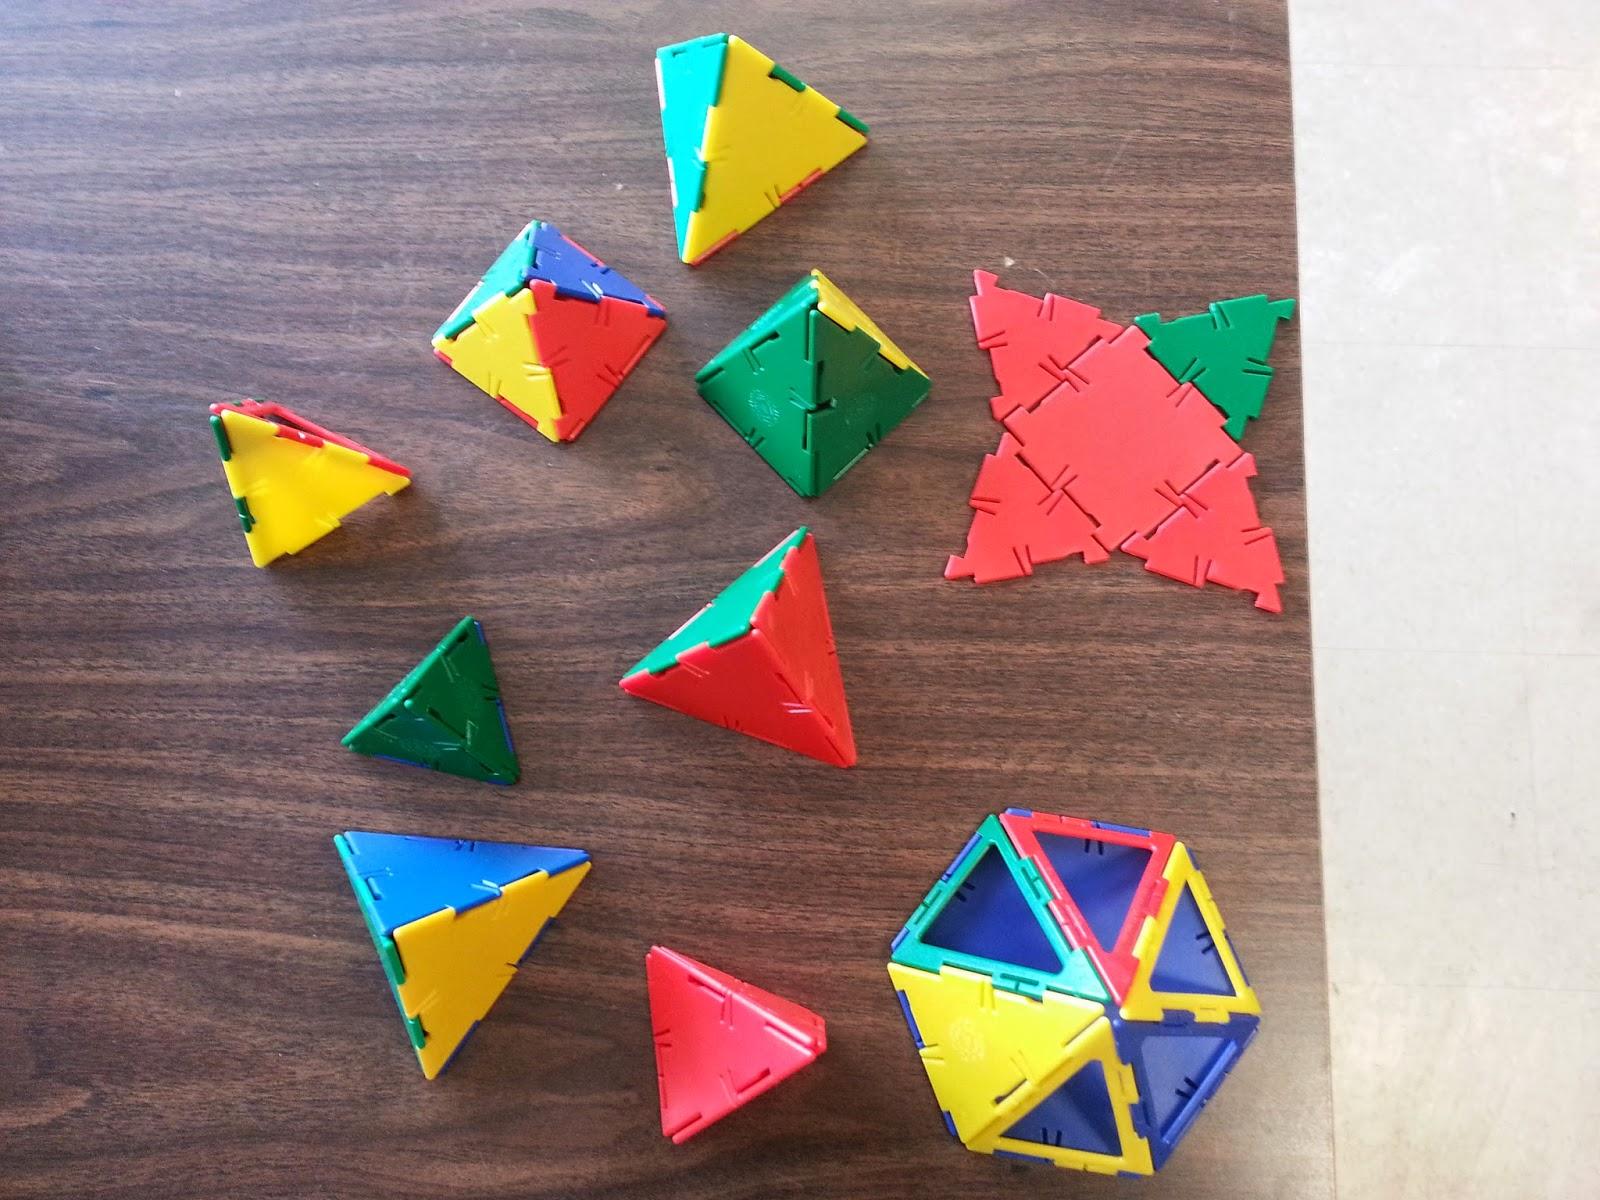 M^3 (Making Math Meaningful): MFM2P - Day 57: Pyramids